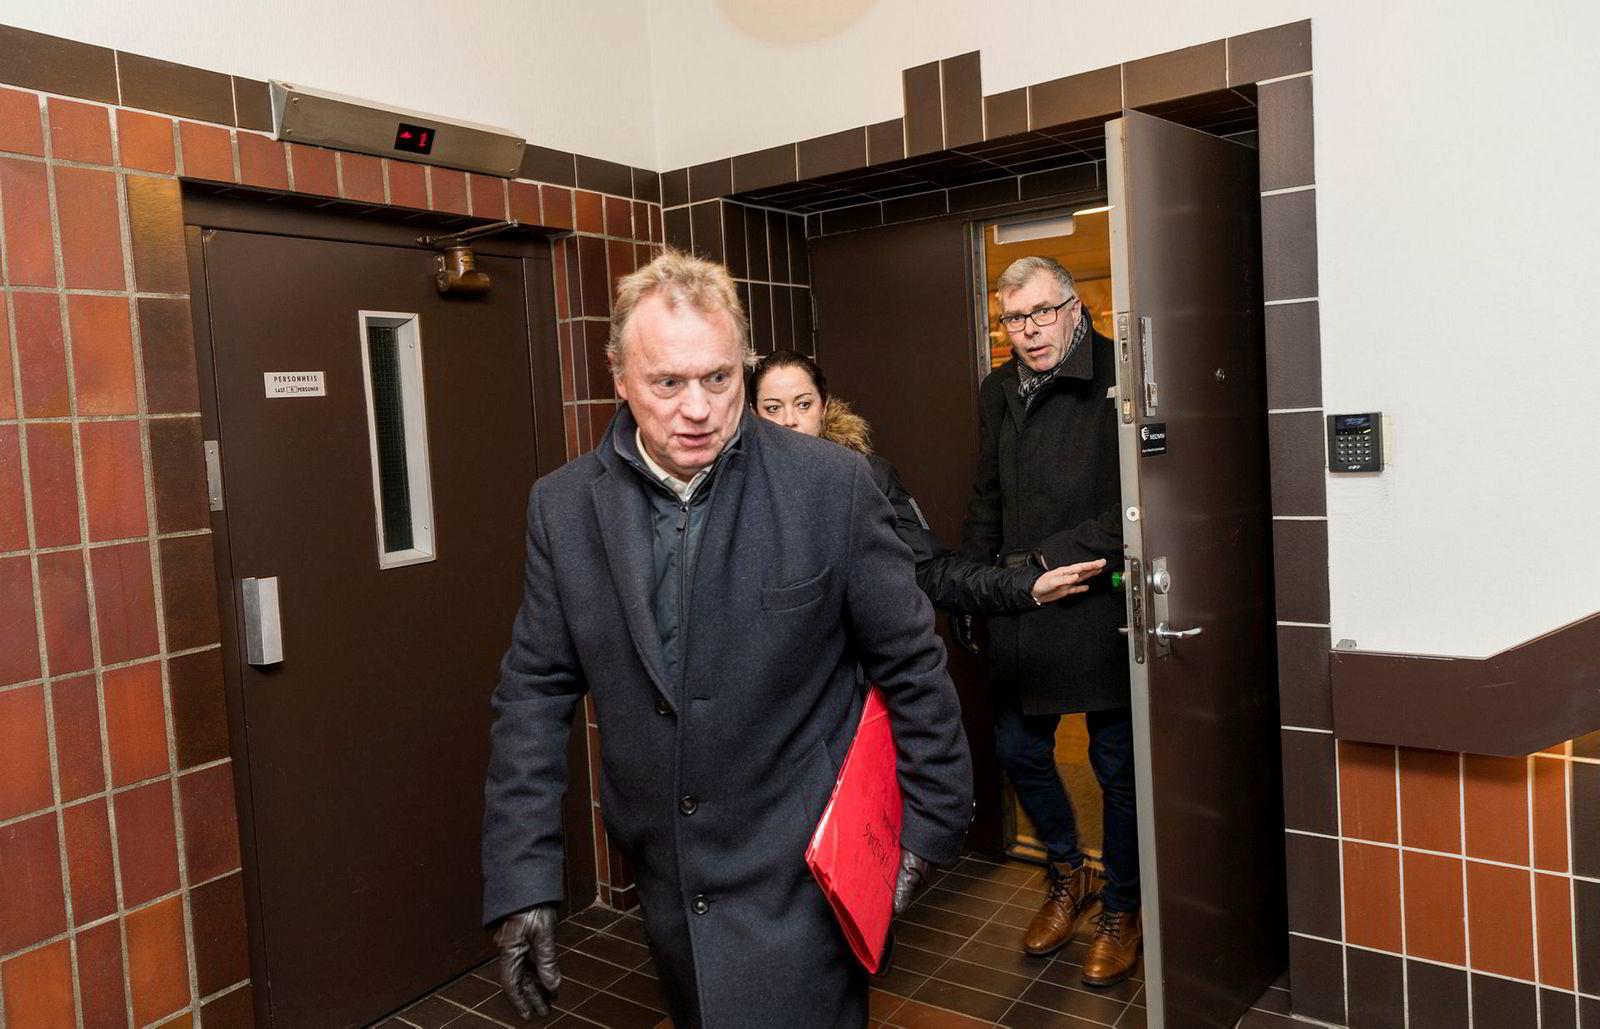 Byrådsleder Raymond Johansen i Oslo støtter Trigger-toppens nye satsing.